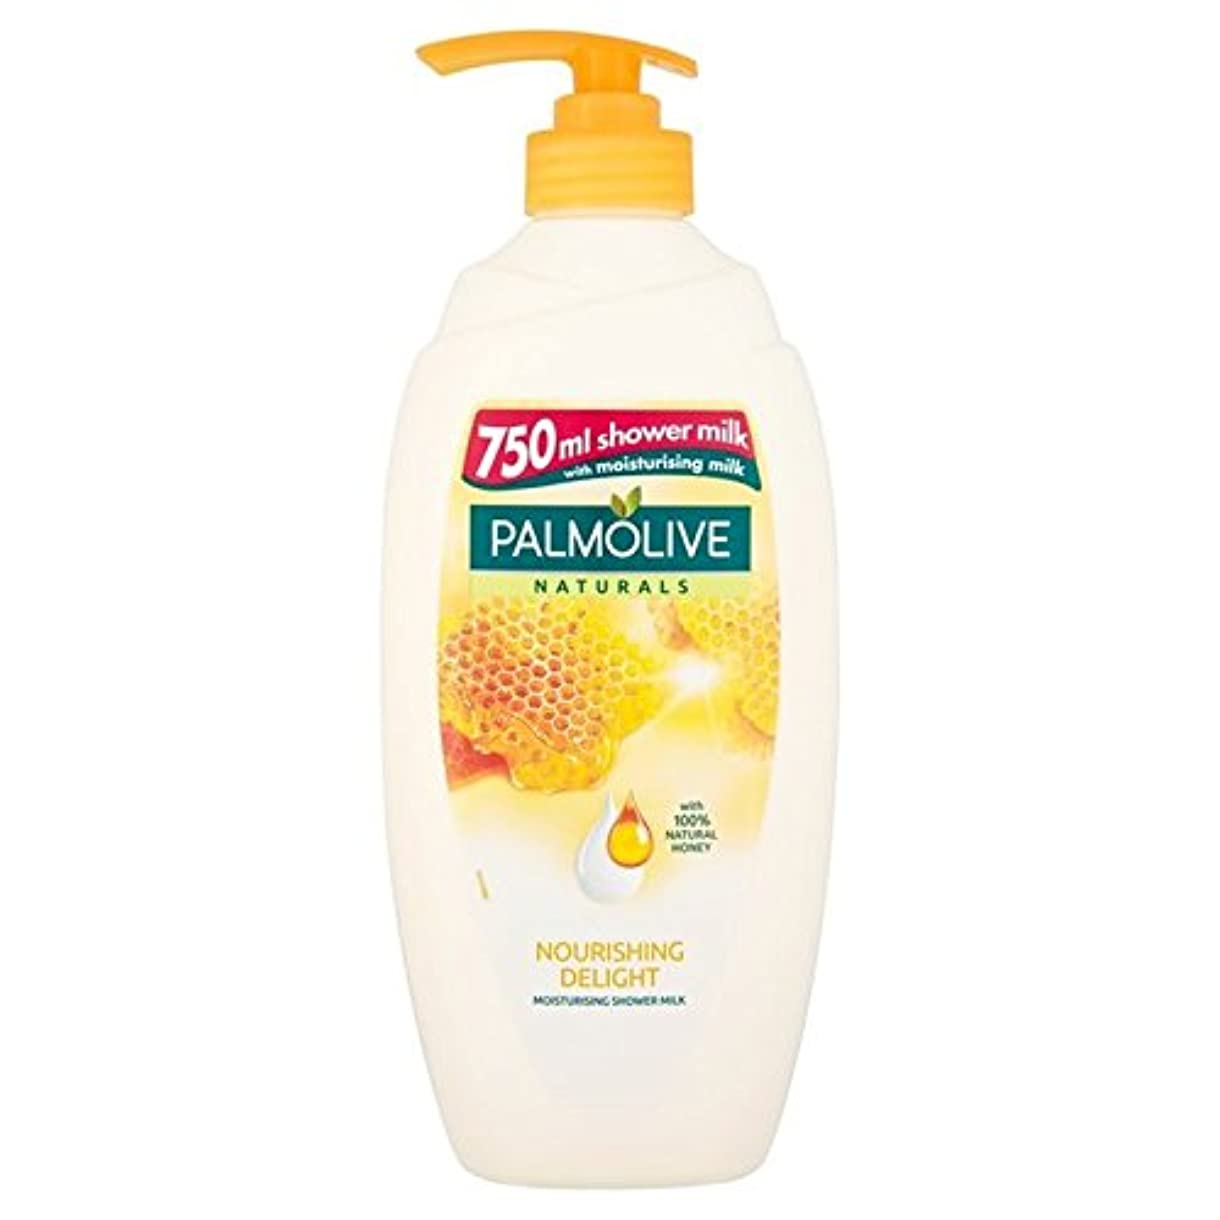 海港十分です彫るPalmolive Naturals Nourishing Shower Naturals Milk with Honey 750ml (Pack of 6) - 蜂蜜の750ミリリットルとシャワーナチュラルミルク栄養パルモライブナチュラル...